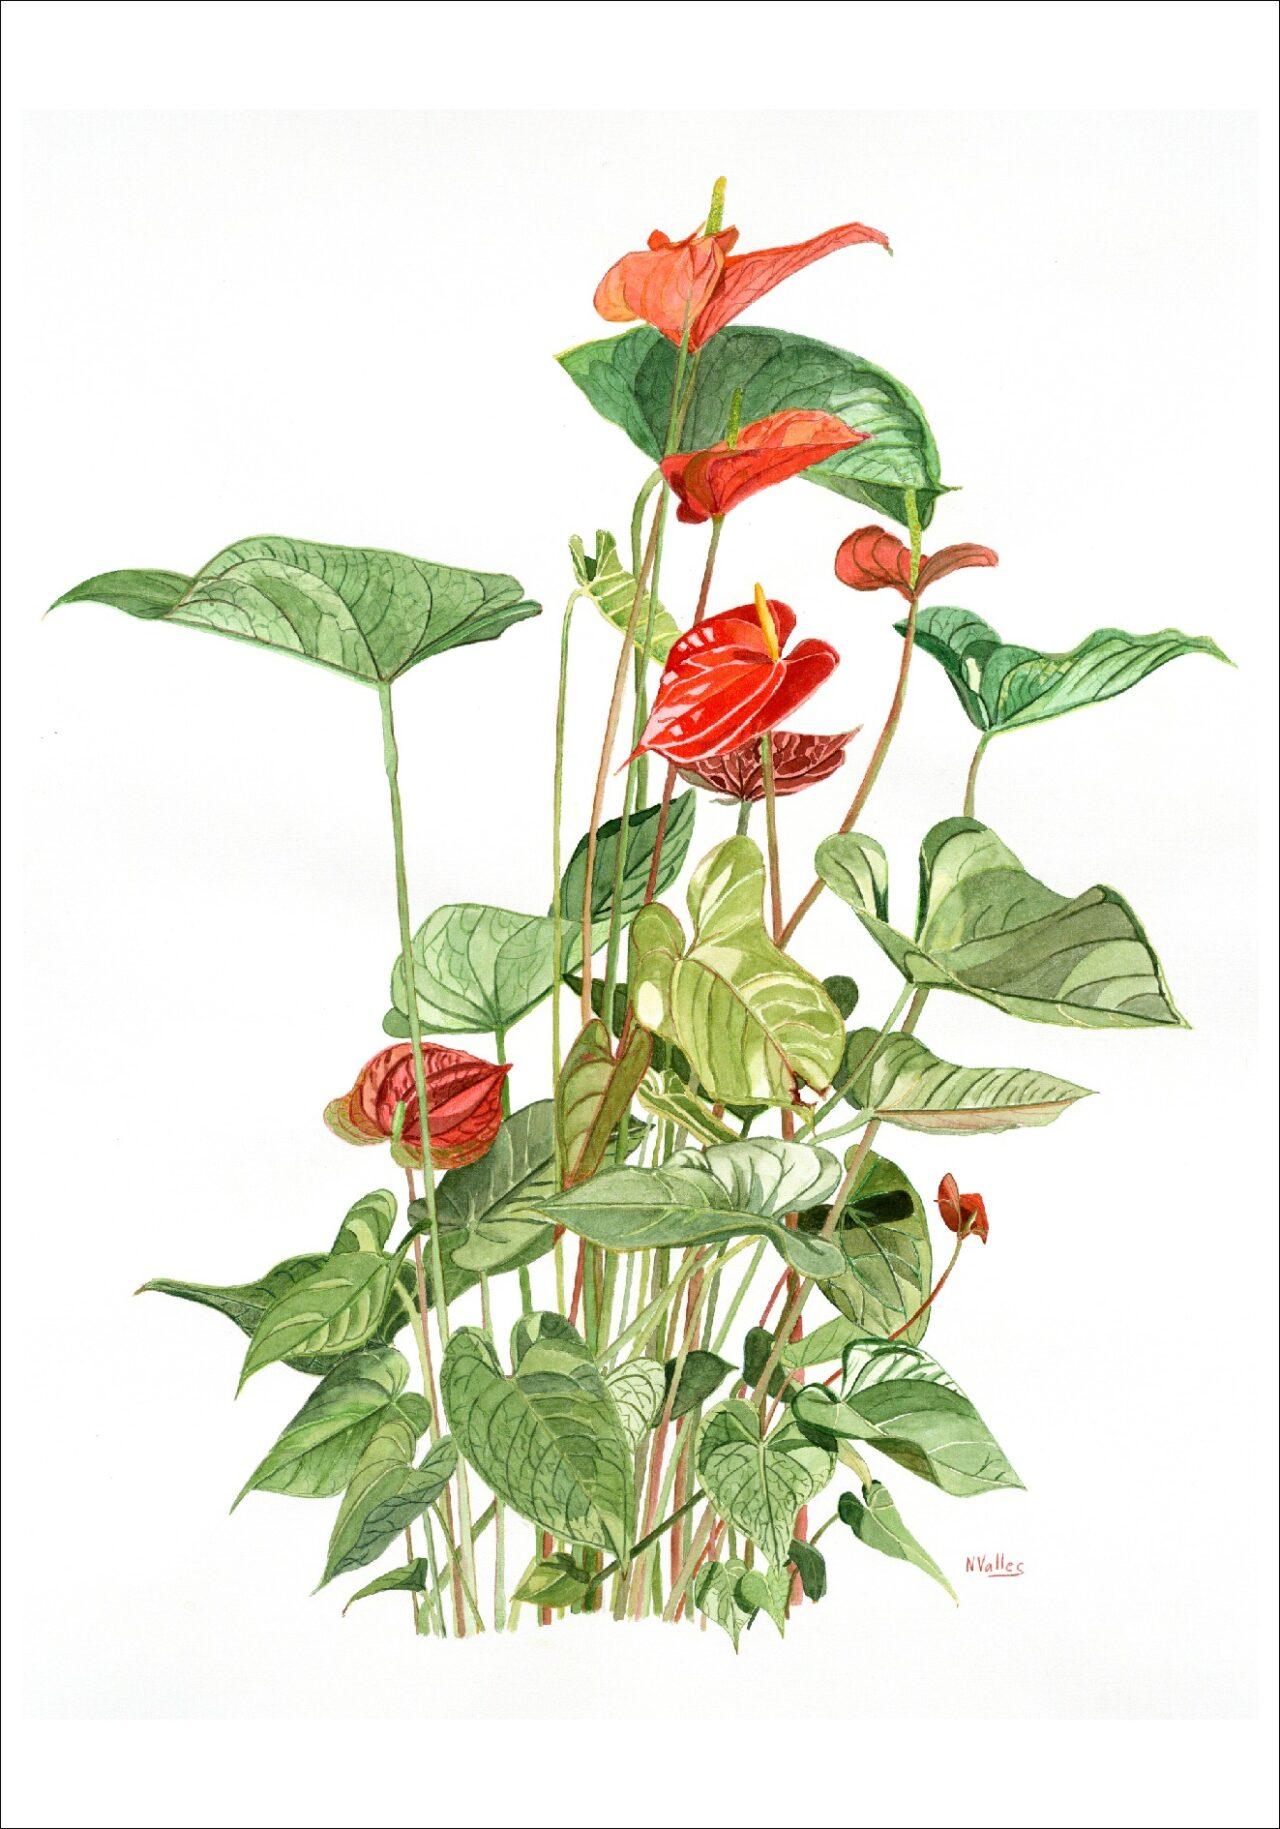 Schezerianum Anturi - Anturio - Anthurium